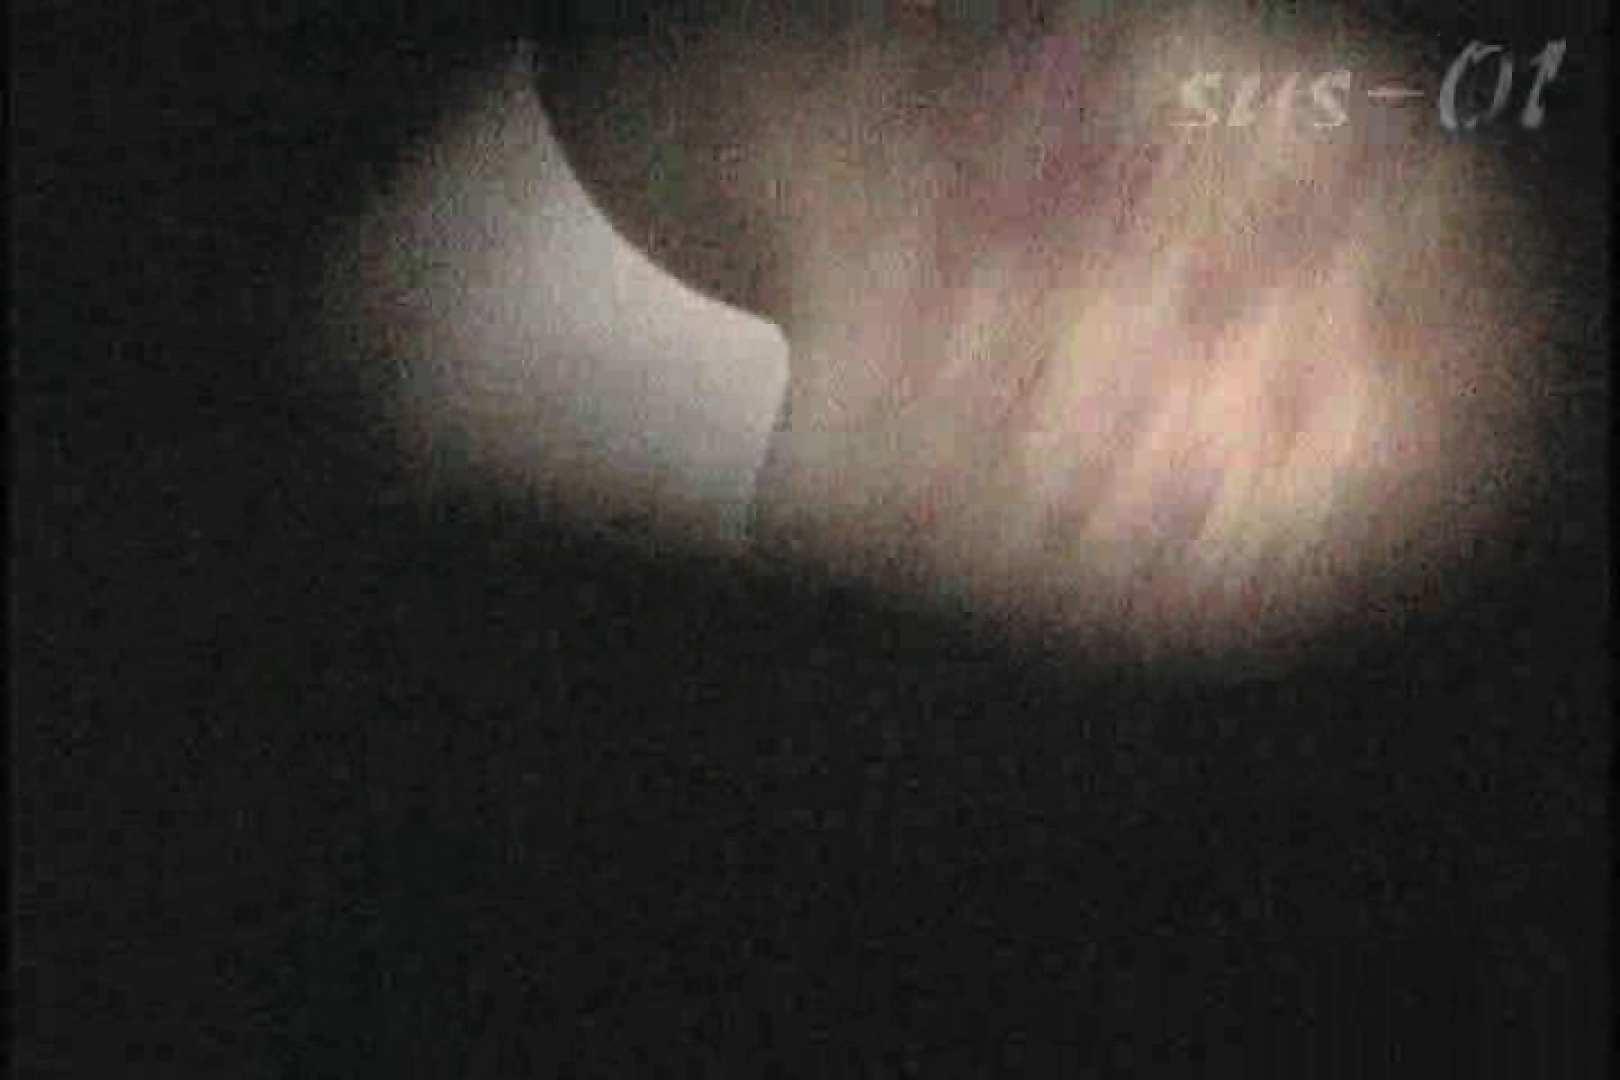 サターンさんのウル技炸裂!!夏乙女★海の家シャワー室絵巻 Vol.01 シャワー  92PIX 72